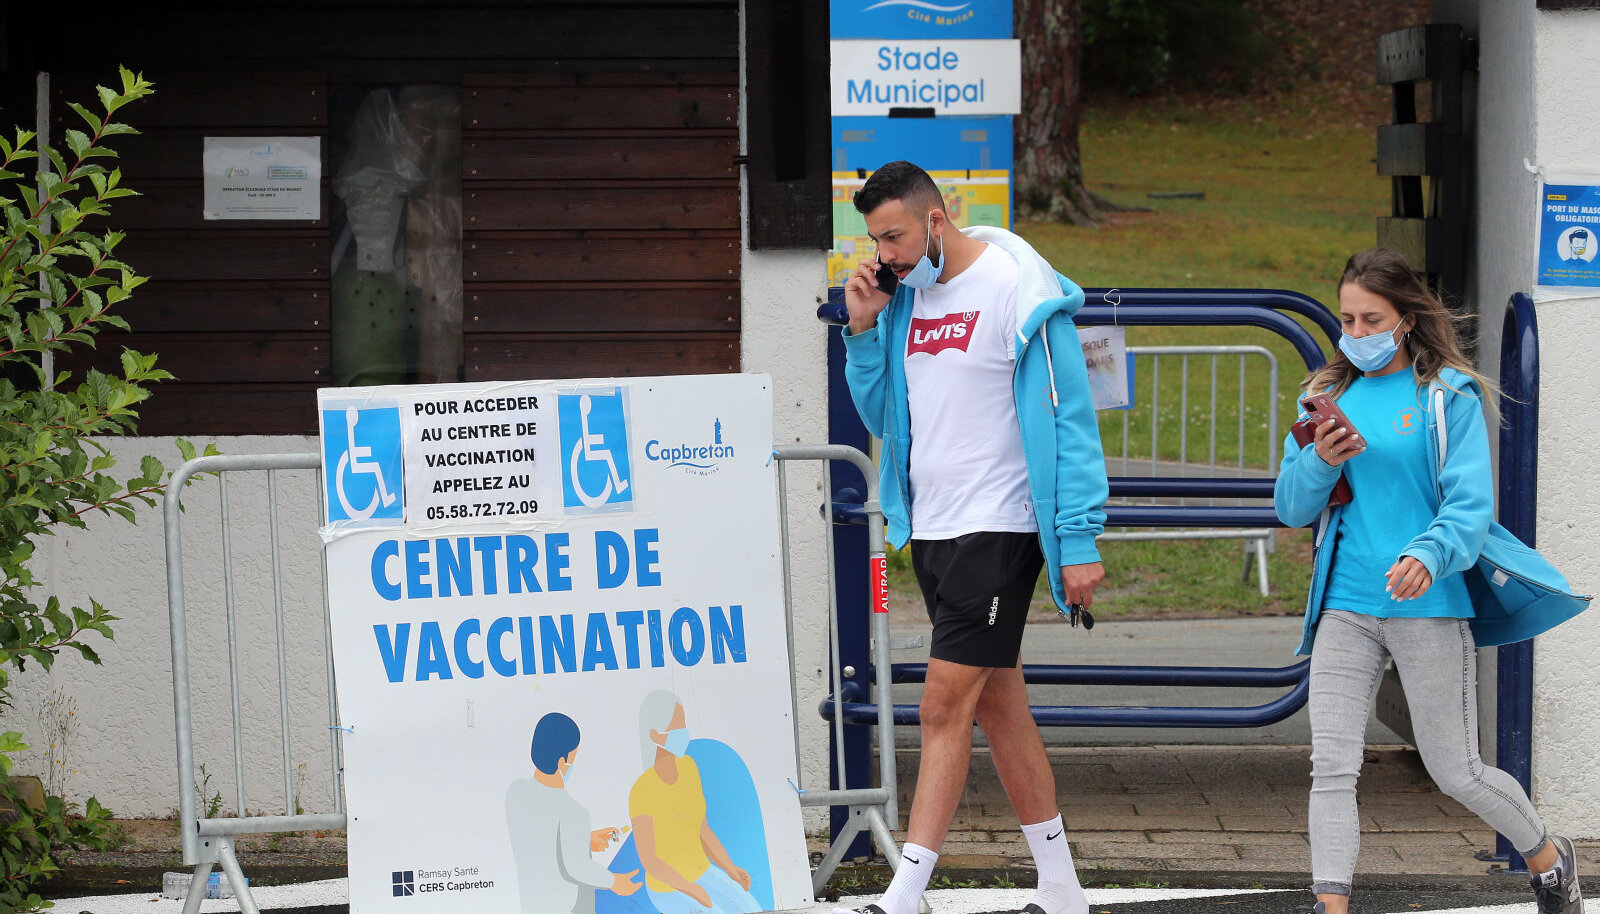 Vaktsineerimiskesksus Prantsusmaa edelaosas Capbretonis.